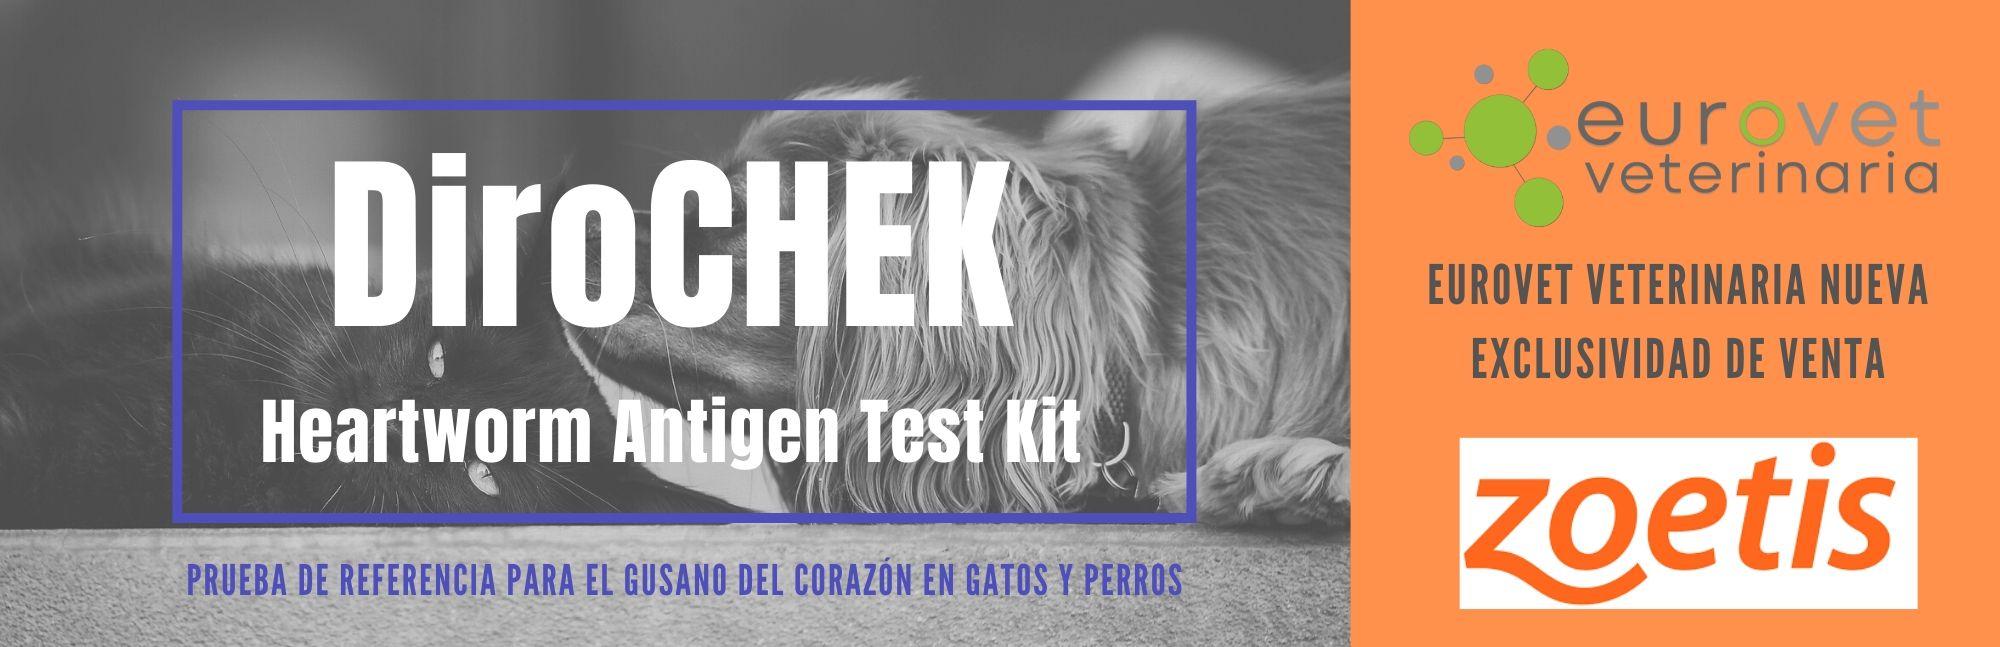 DiroCHEK Heartworm Antigen Test Kit.jpg